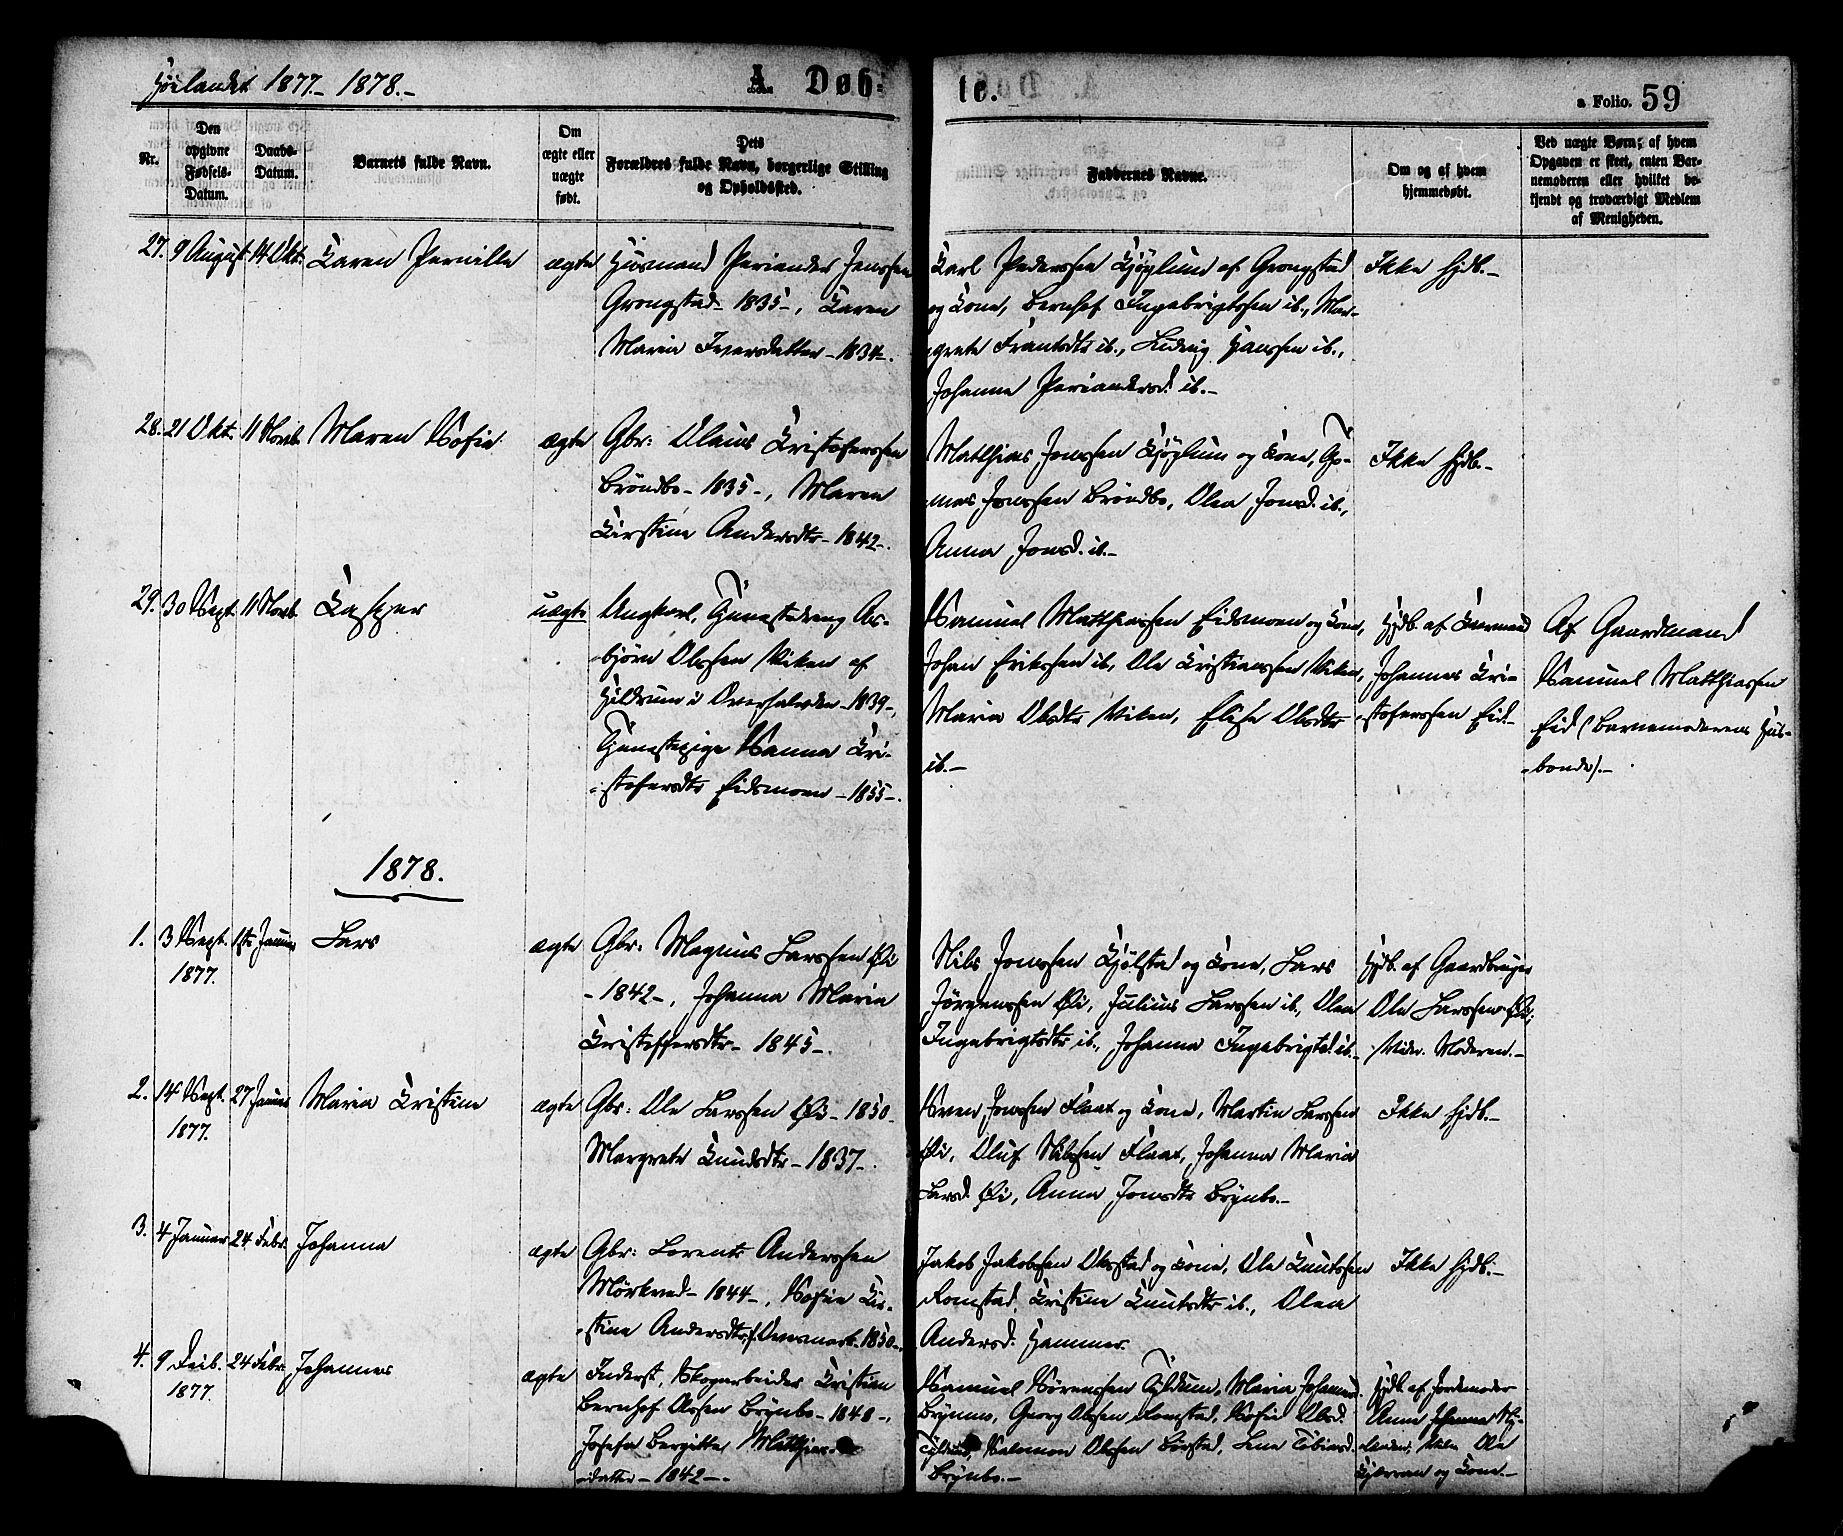 SAT, Ministerialprotokoller, klokkerbøker og fødselsregistre - Nord-Trøndelag, 758/L0516: Ministerialbok nr. 758A03 /2, 1869-1879, s. 59